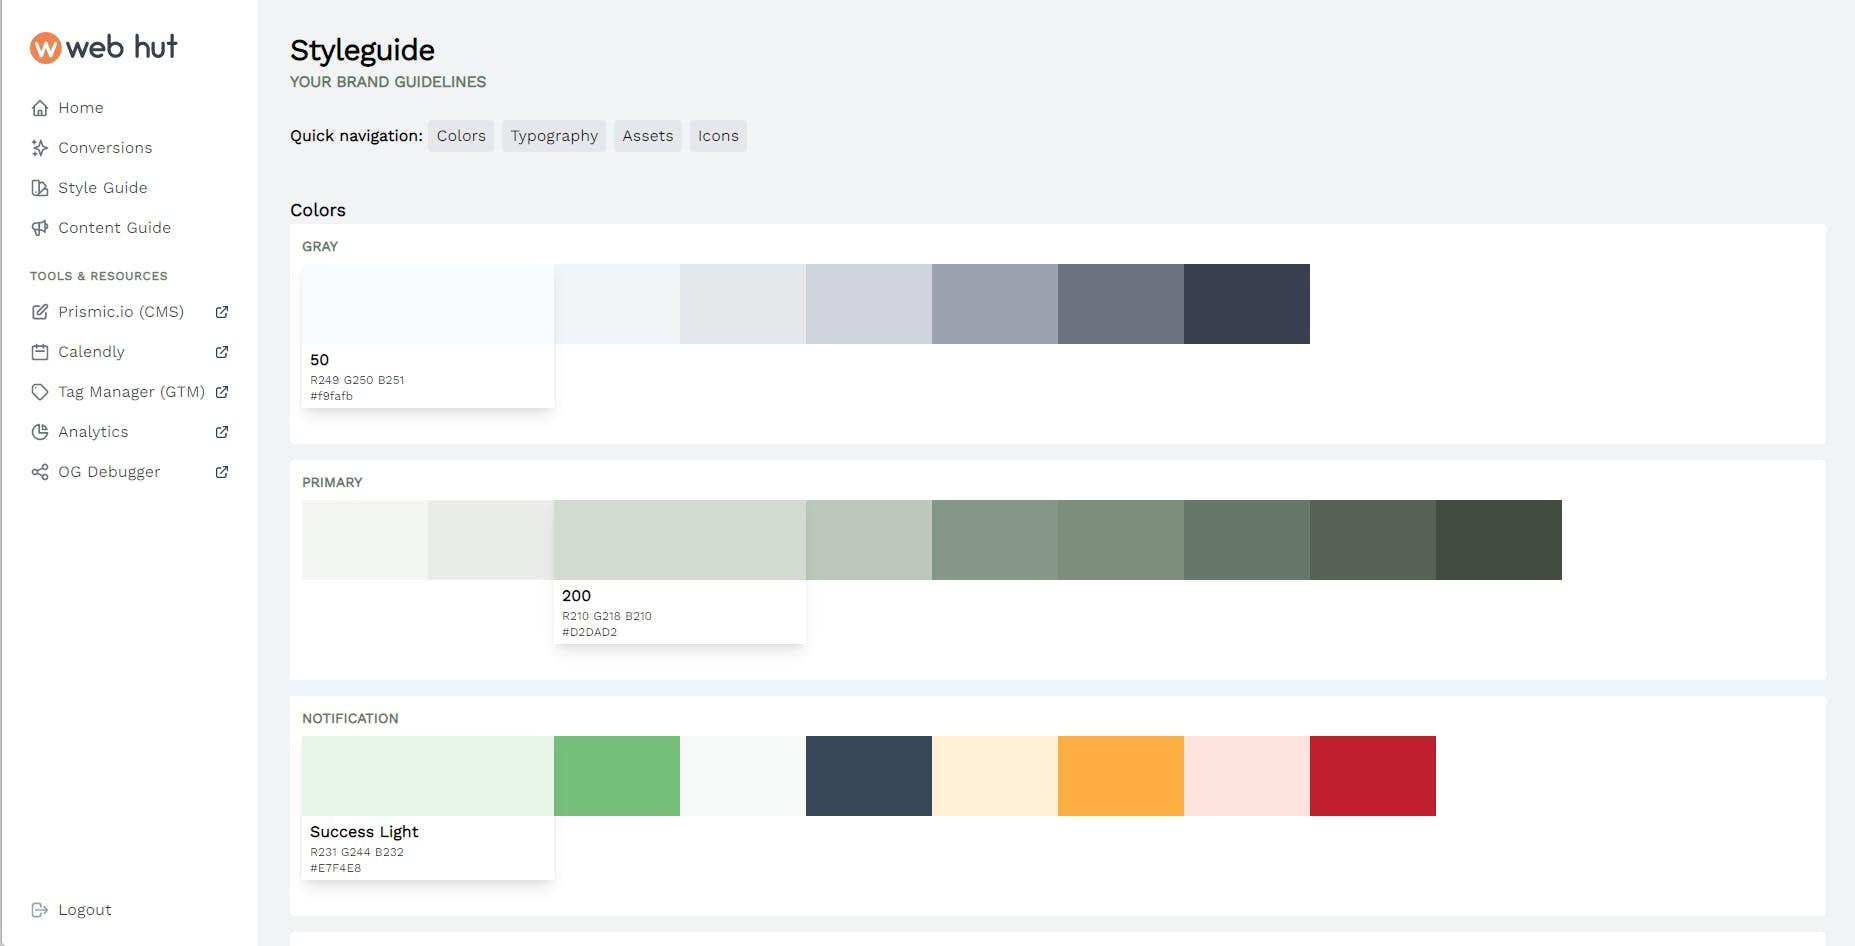 Voorbeeld van een web hut styleguide